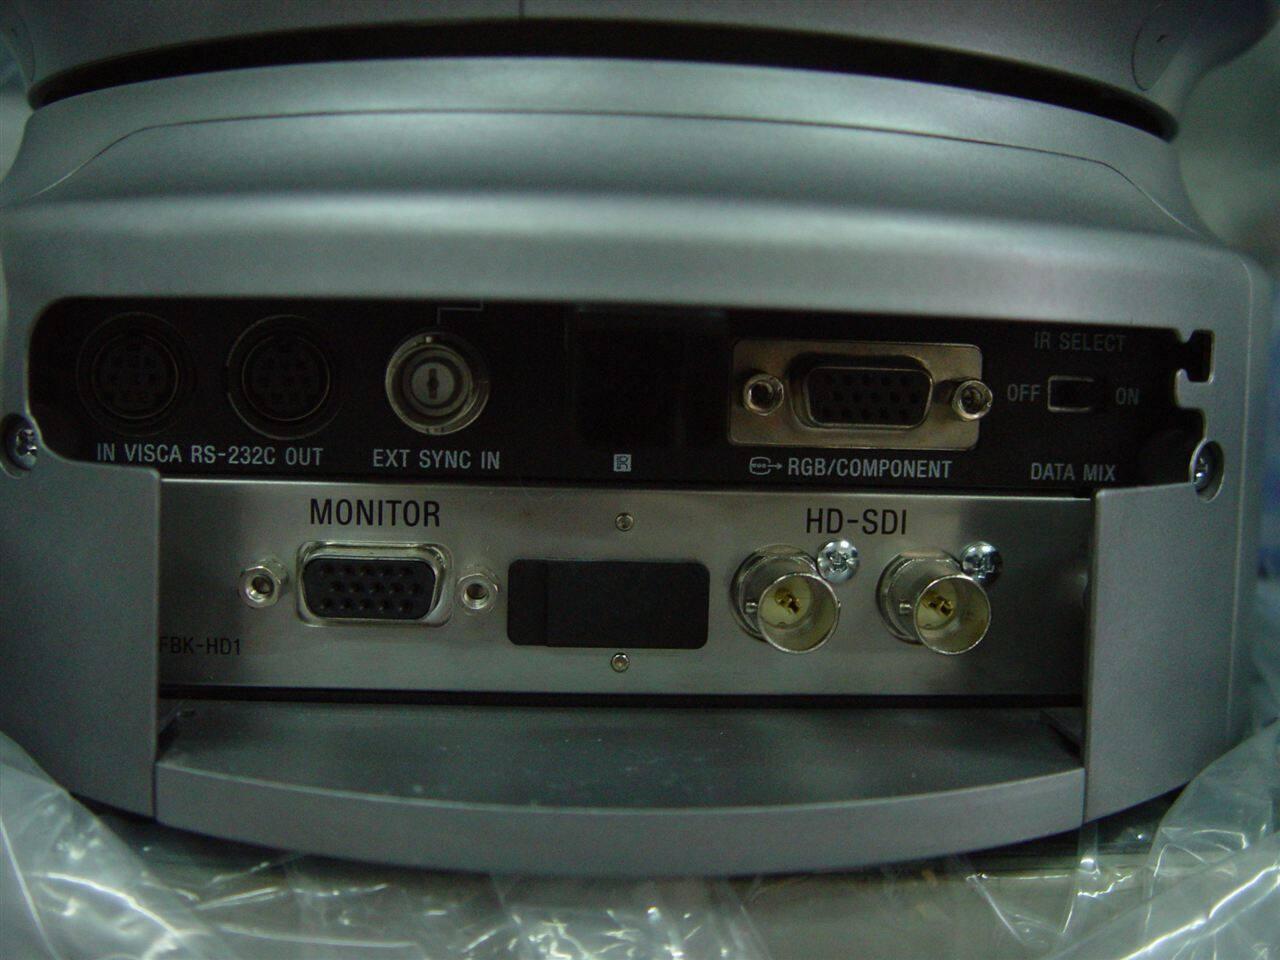 三片1/3 英寸高清ccd视频会议摄像机brc-h700